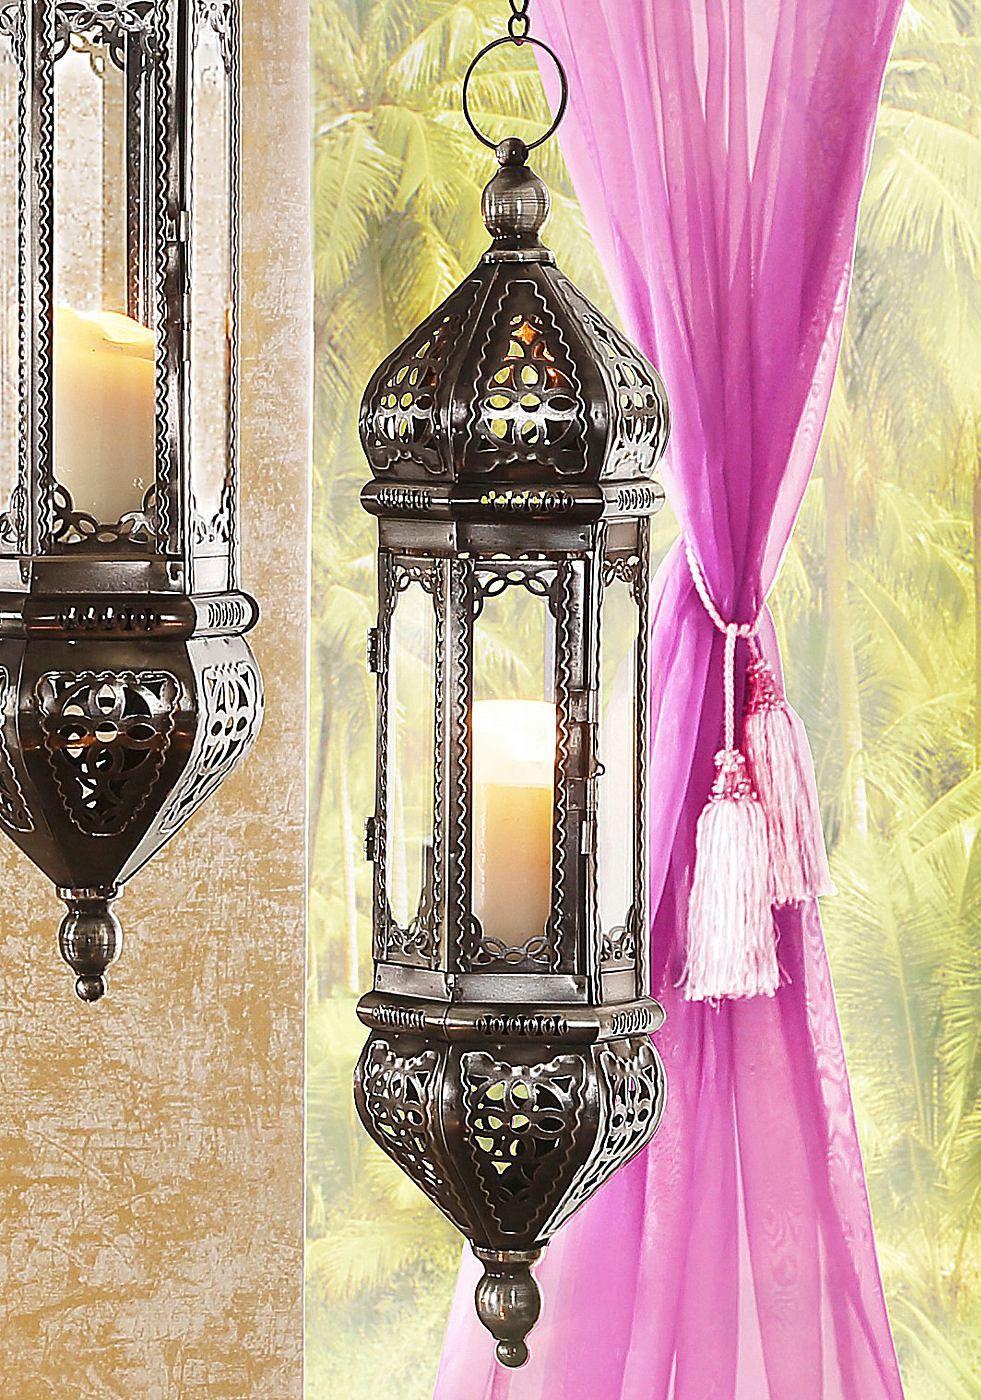 Maße:  Maße (B/T/H):,  groß:14/14/65 cm klein: 10/10/50 cm  Artikeldetails:  Laternen in marrkokanischem Stil., Mit detailreichen Ornamenten verziert., Alle Maße sind Ca.-Maße,  Material/Qualität:  Metall/Glas,  ...